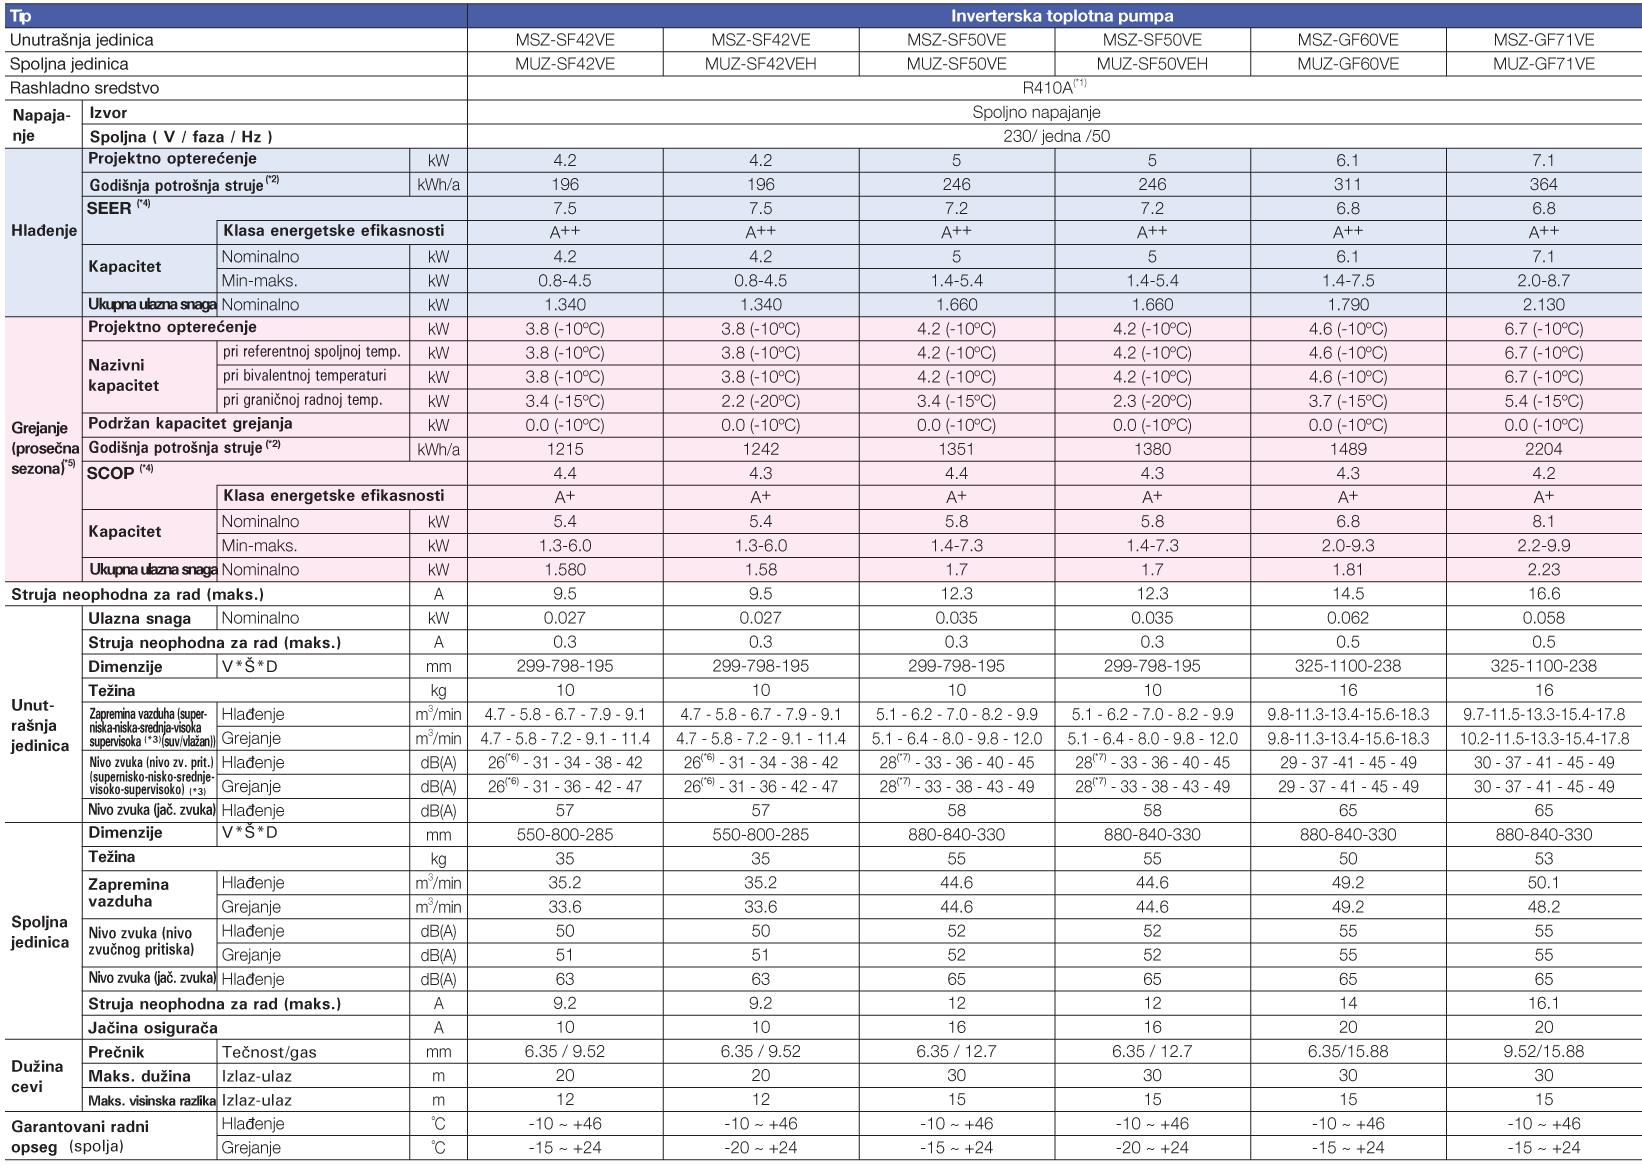 Tabela MSZ-SF 42